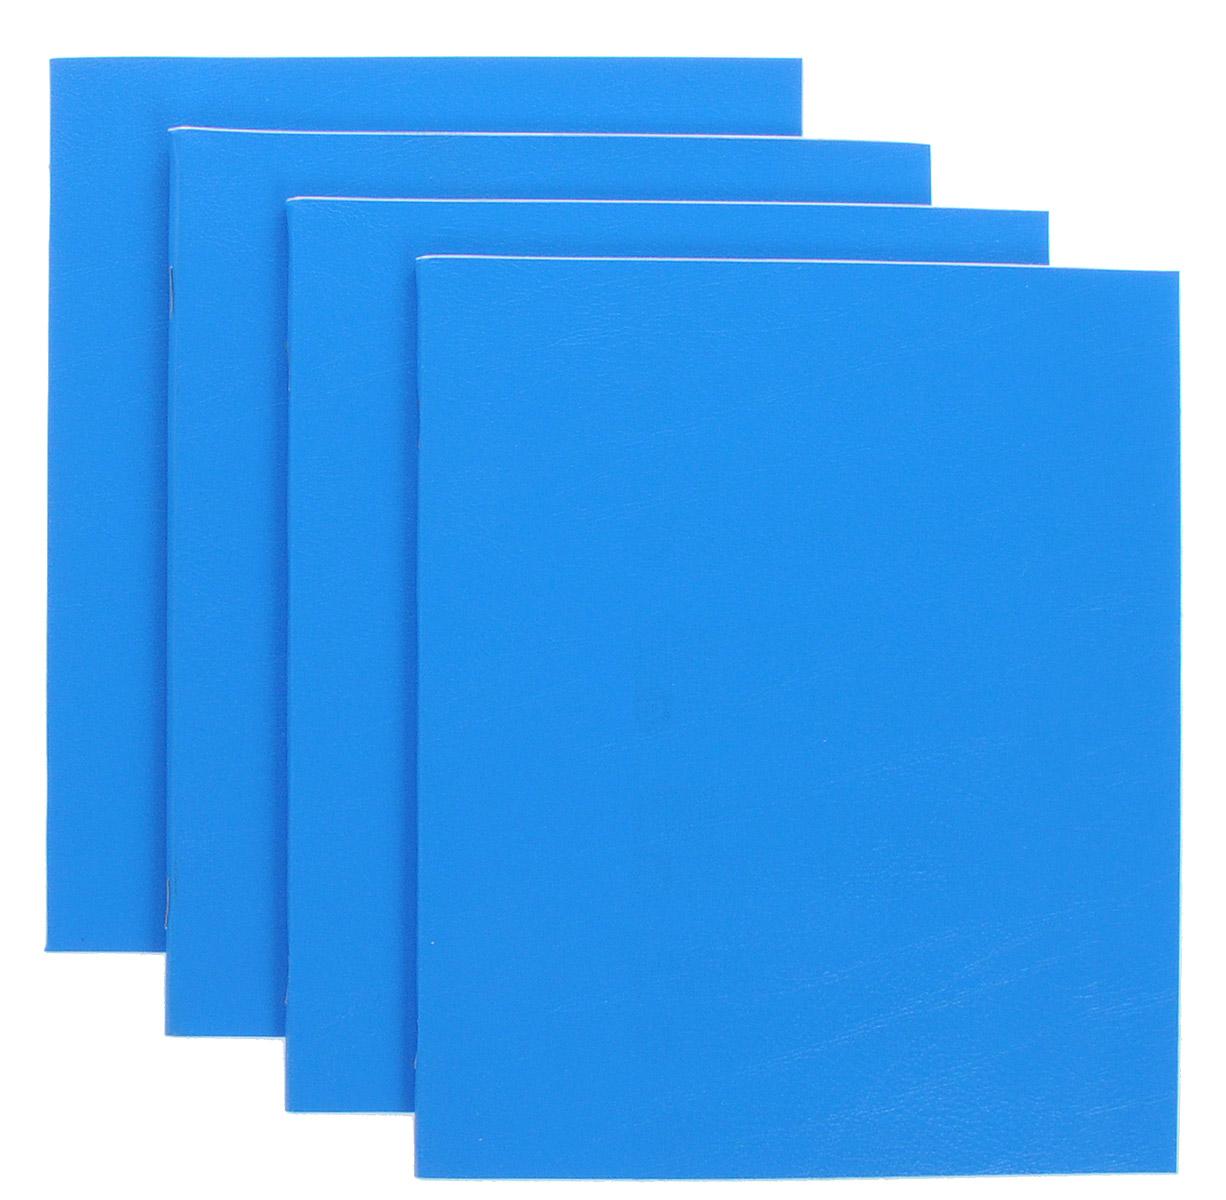 Action! Набор тетрадей Sponsor 48 листов в клетку 4 штSN-48-5/5/4_синийКомплект тетрадей Action! Sponsor включает в себя 4 тетради. Обложка каждой тетради изготовлена из бумвинила. Внутренний блок состоит из 48 листов белой бумаги, соединенных скрепками. Стандартная линовка в голубую клетку дополнена полями, совпадающими с лицевой и оборотной стороны листа.